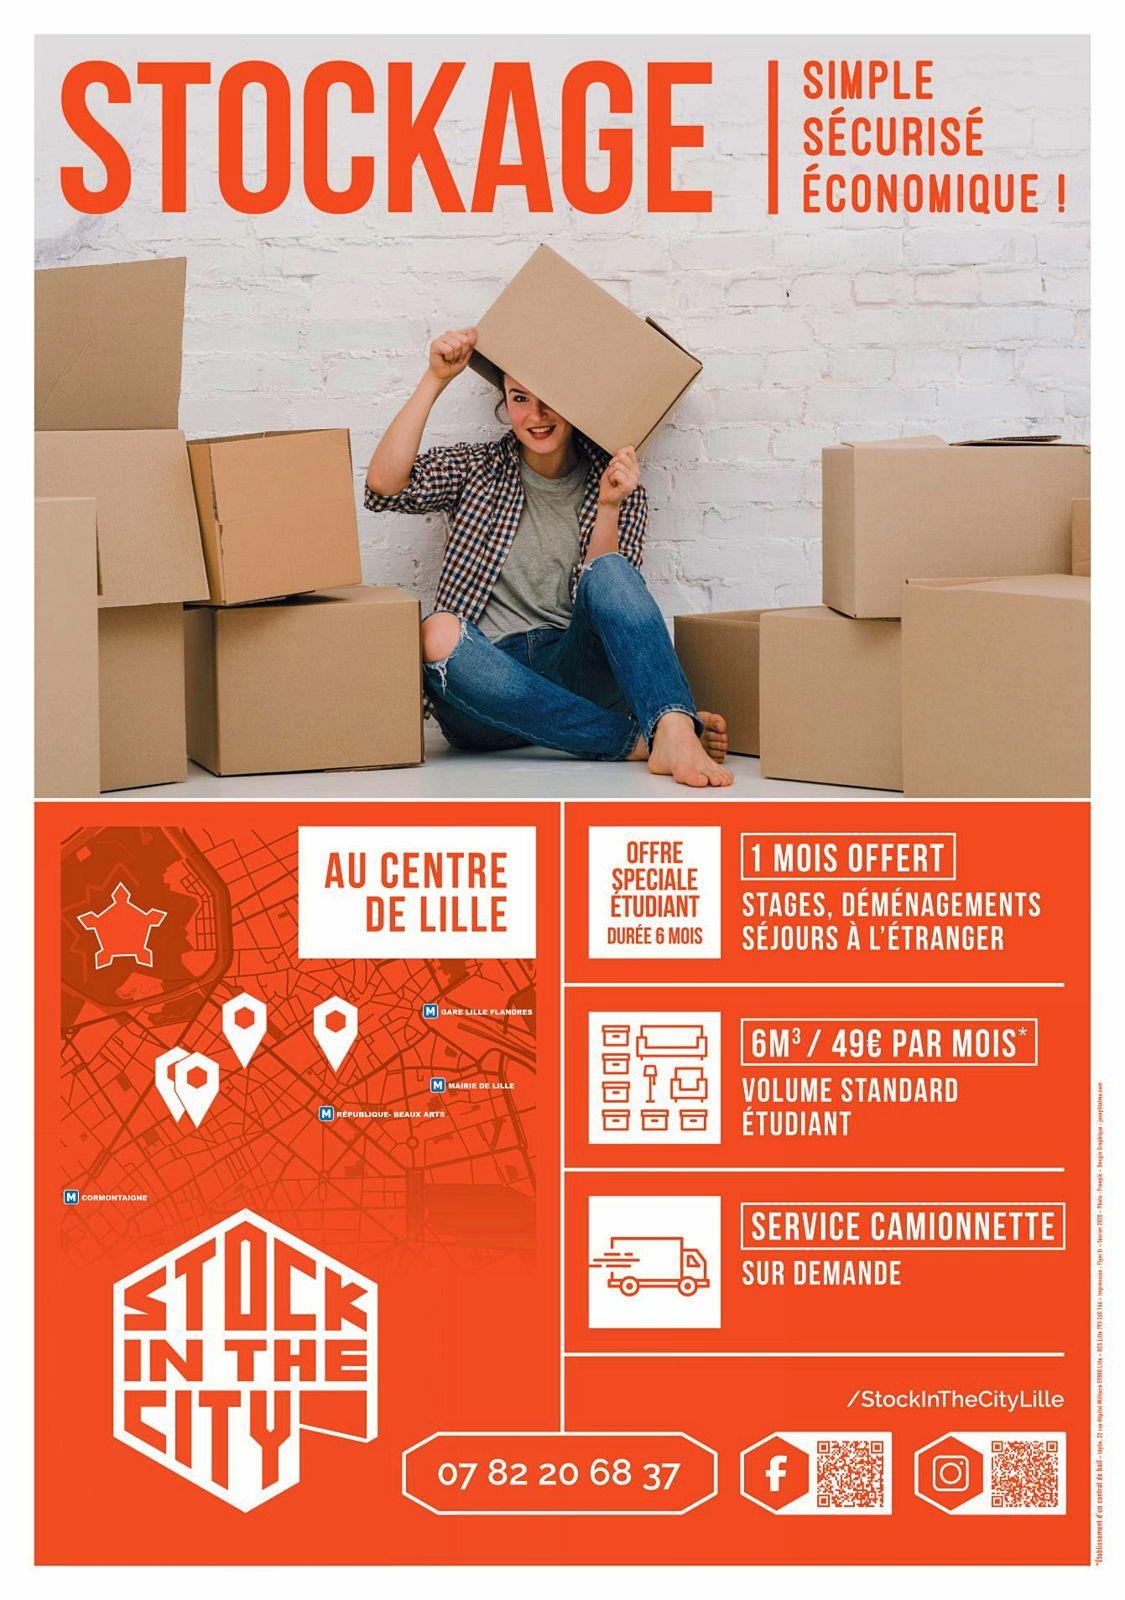 Stock in the City propose le stockage de vos meubles près de chez vous au centre de Lille!